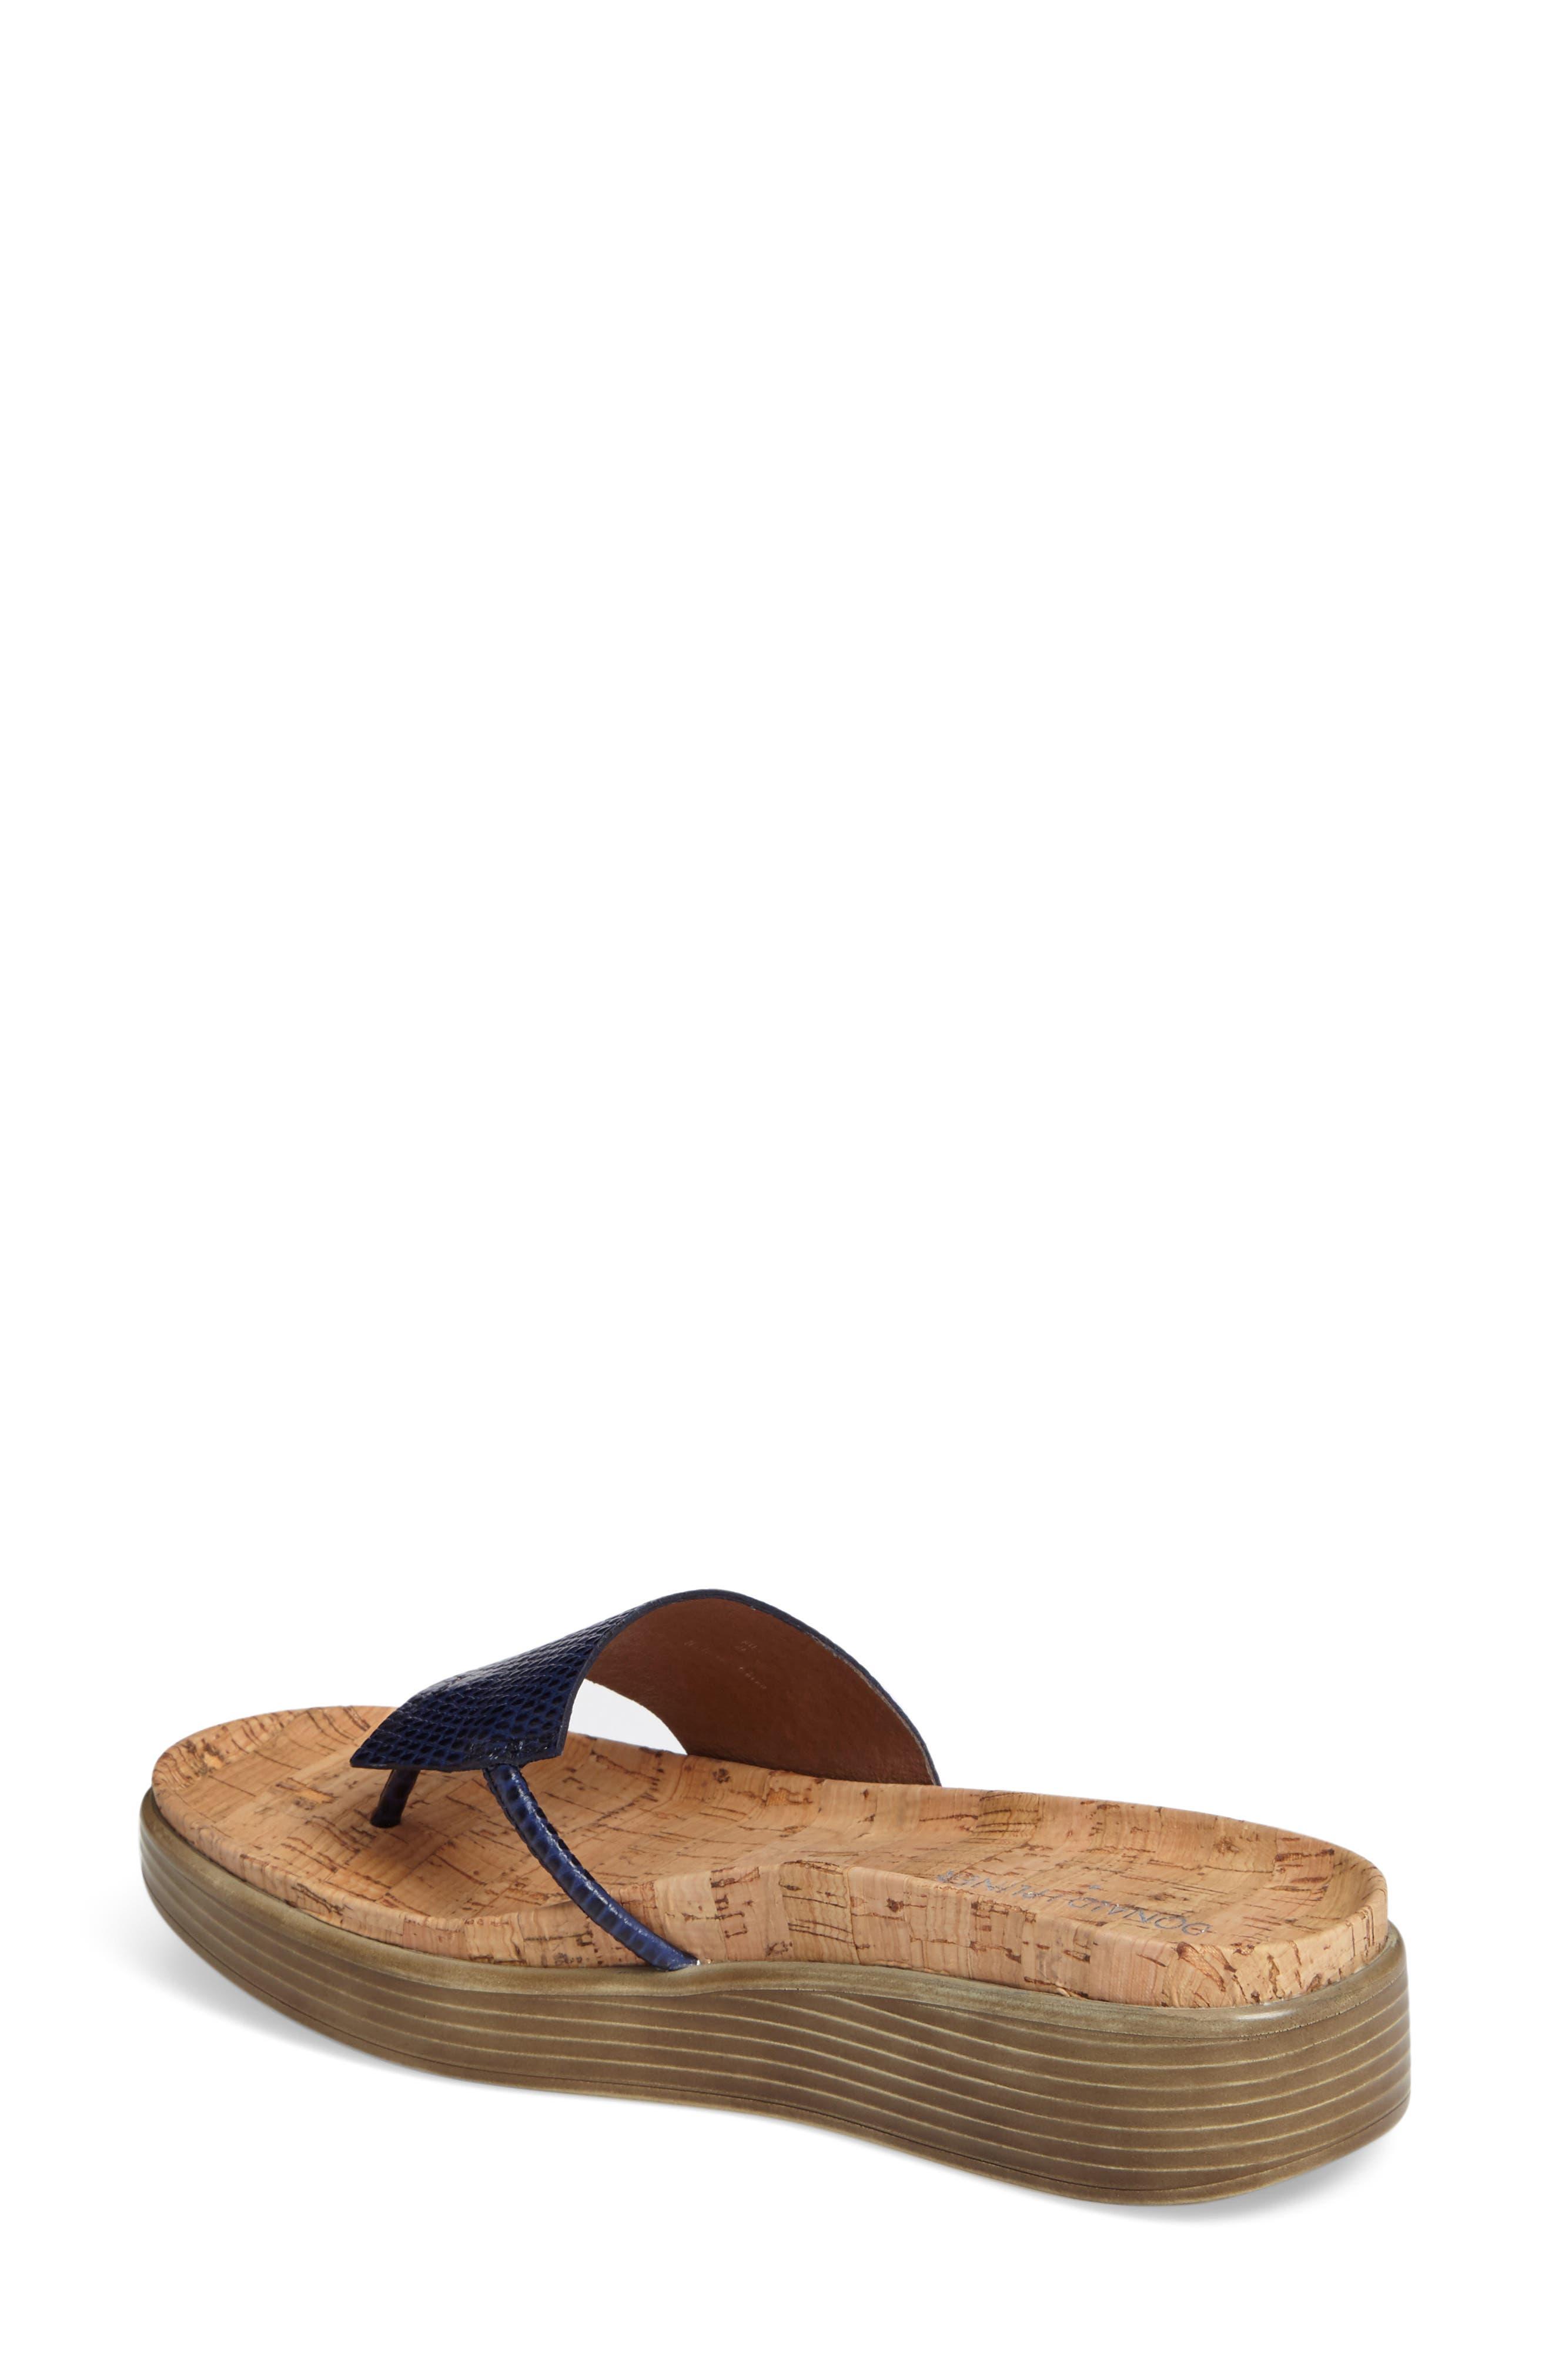 Alternate Image 2  - Donald J Pliner 'Fifi' Slide Sandal (Women)